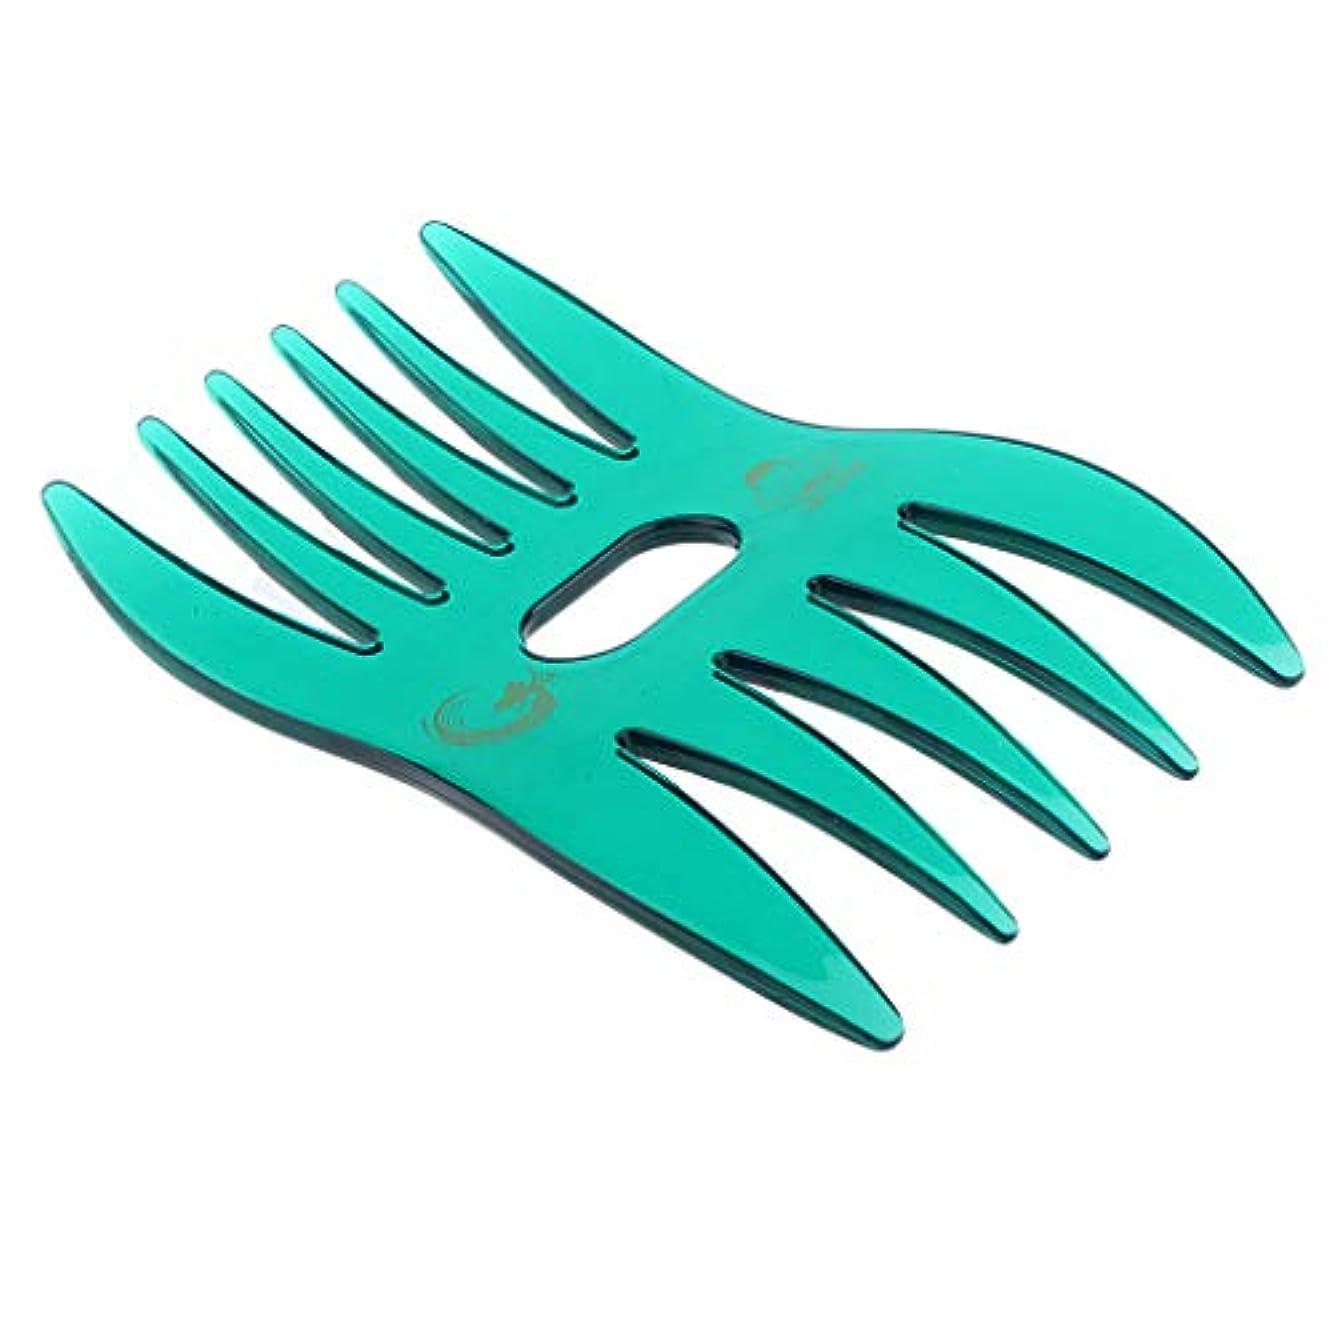 恐怖窒素排出ヘアコーム ヘアブラシ デュアルサイド櫛 ワイド 細かい歯 ヘアサロン 自宅用 4色選べ - 緑